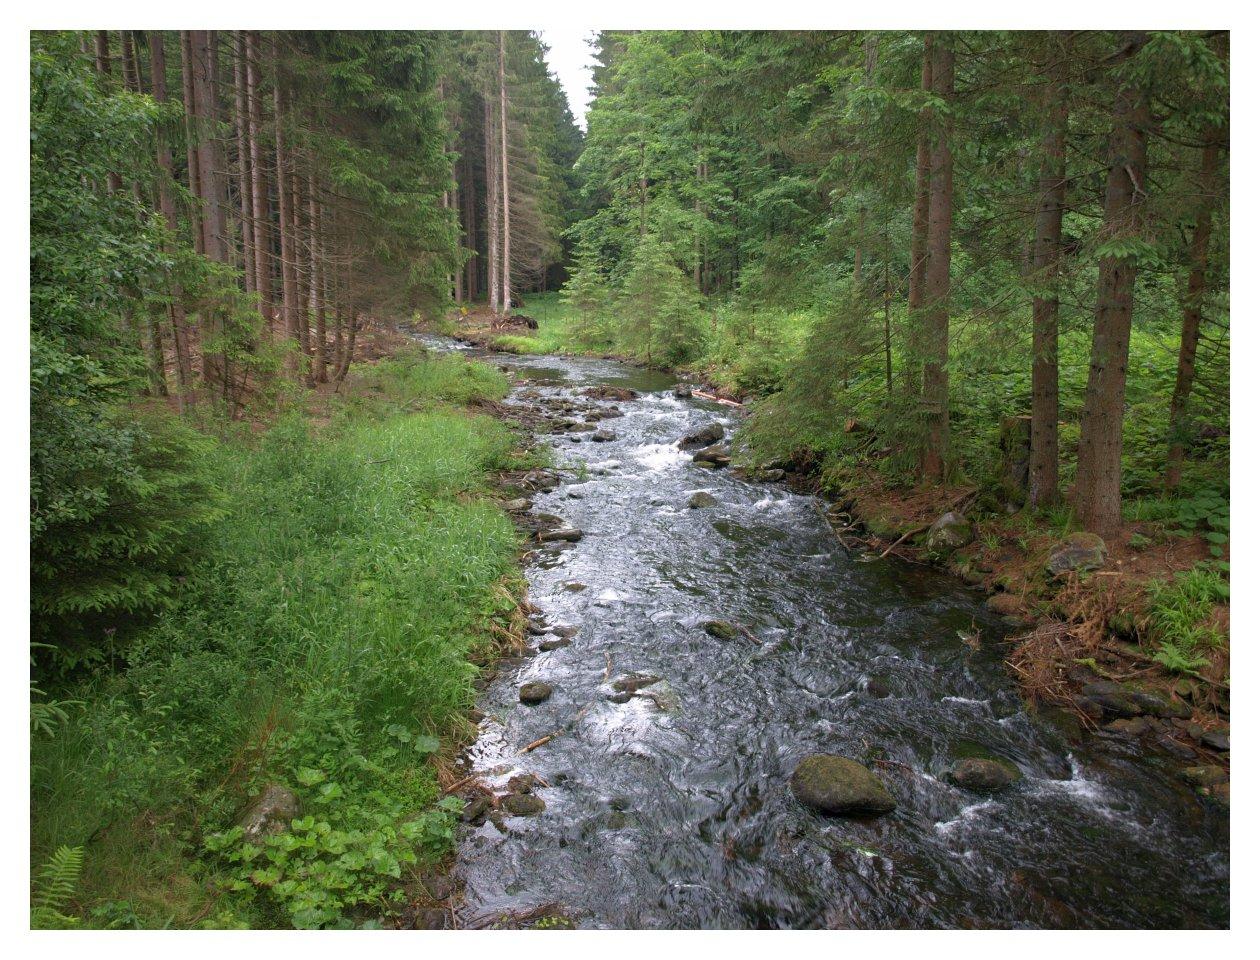 http://www.bayerwaldwandern.de/juni15/24juni15_7.jpg